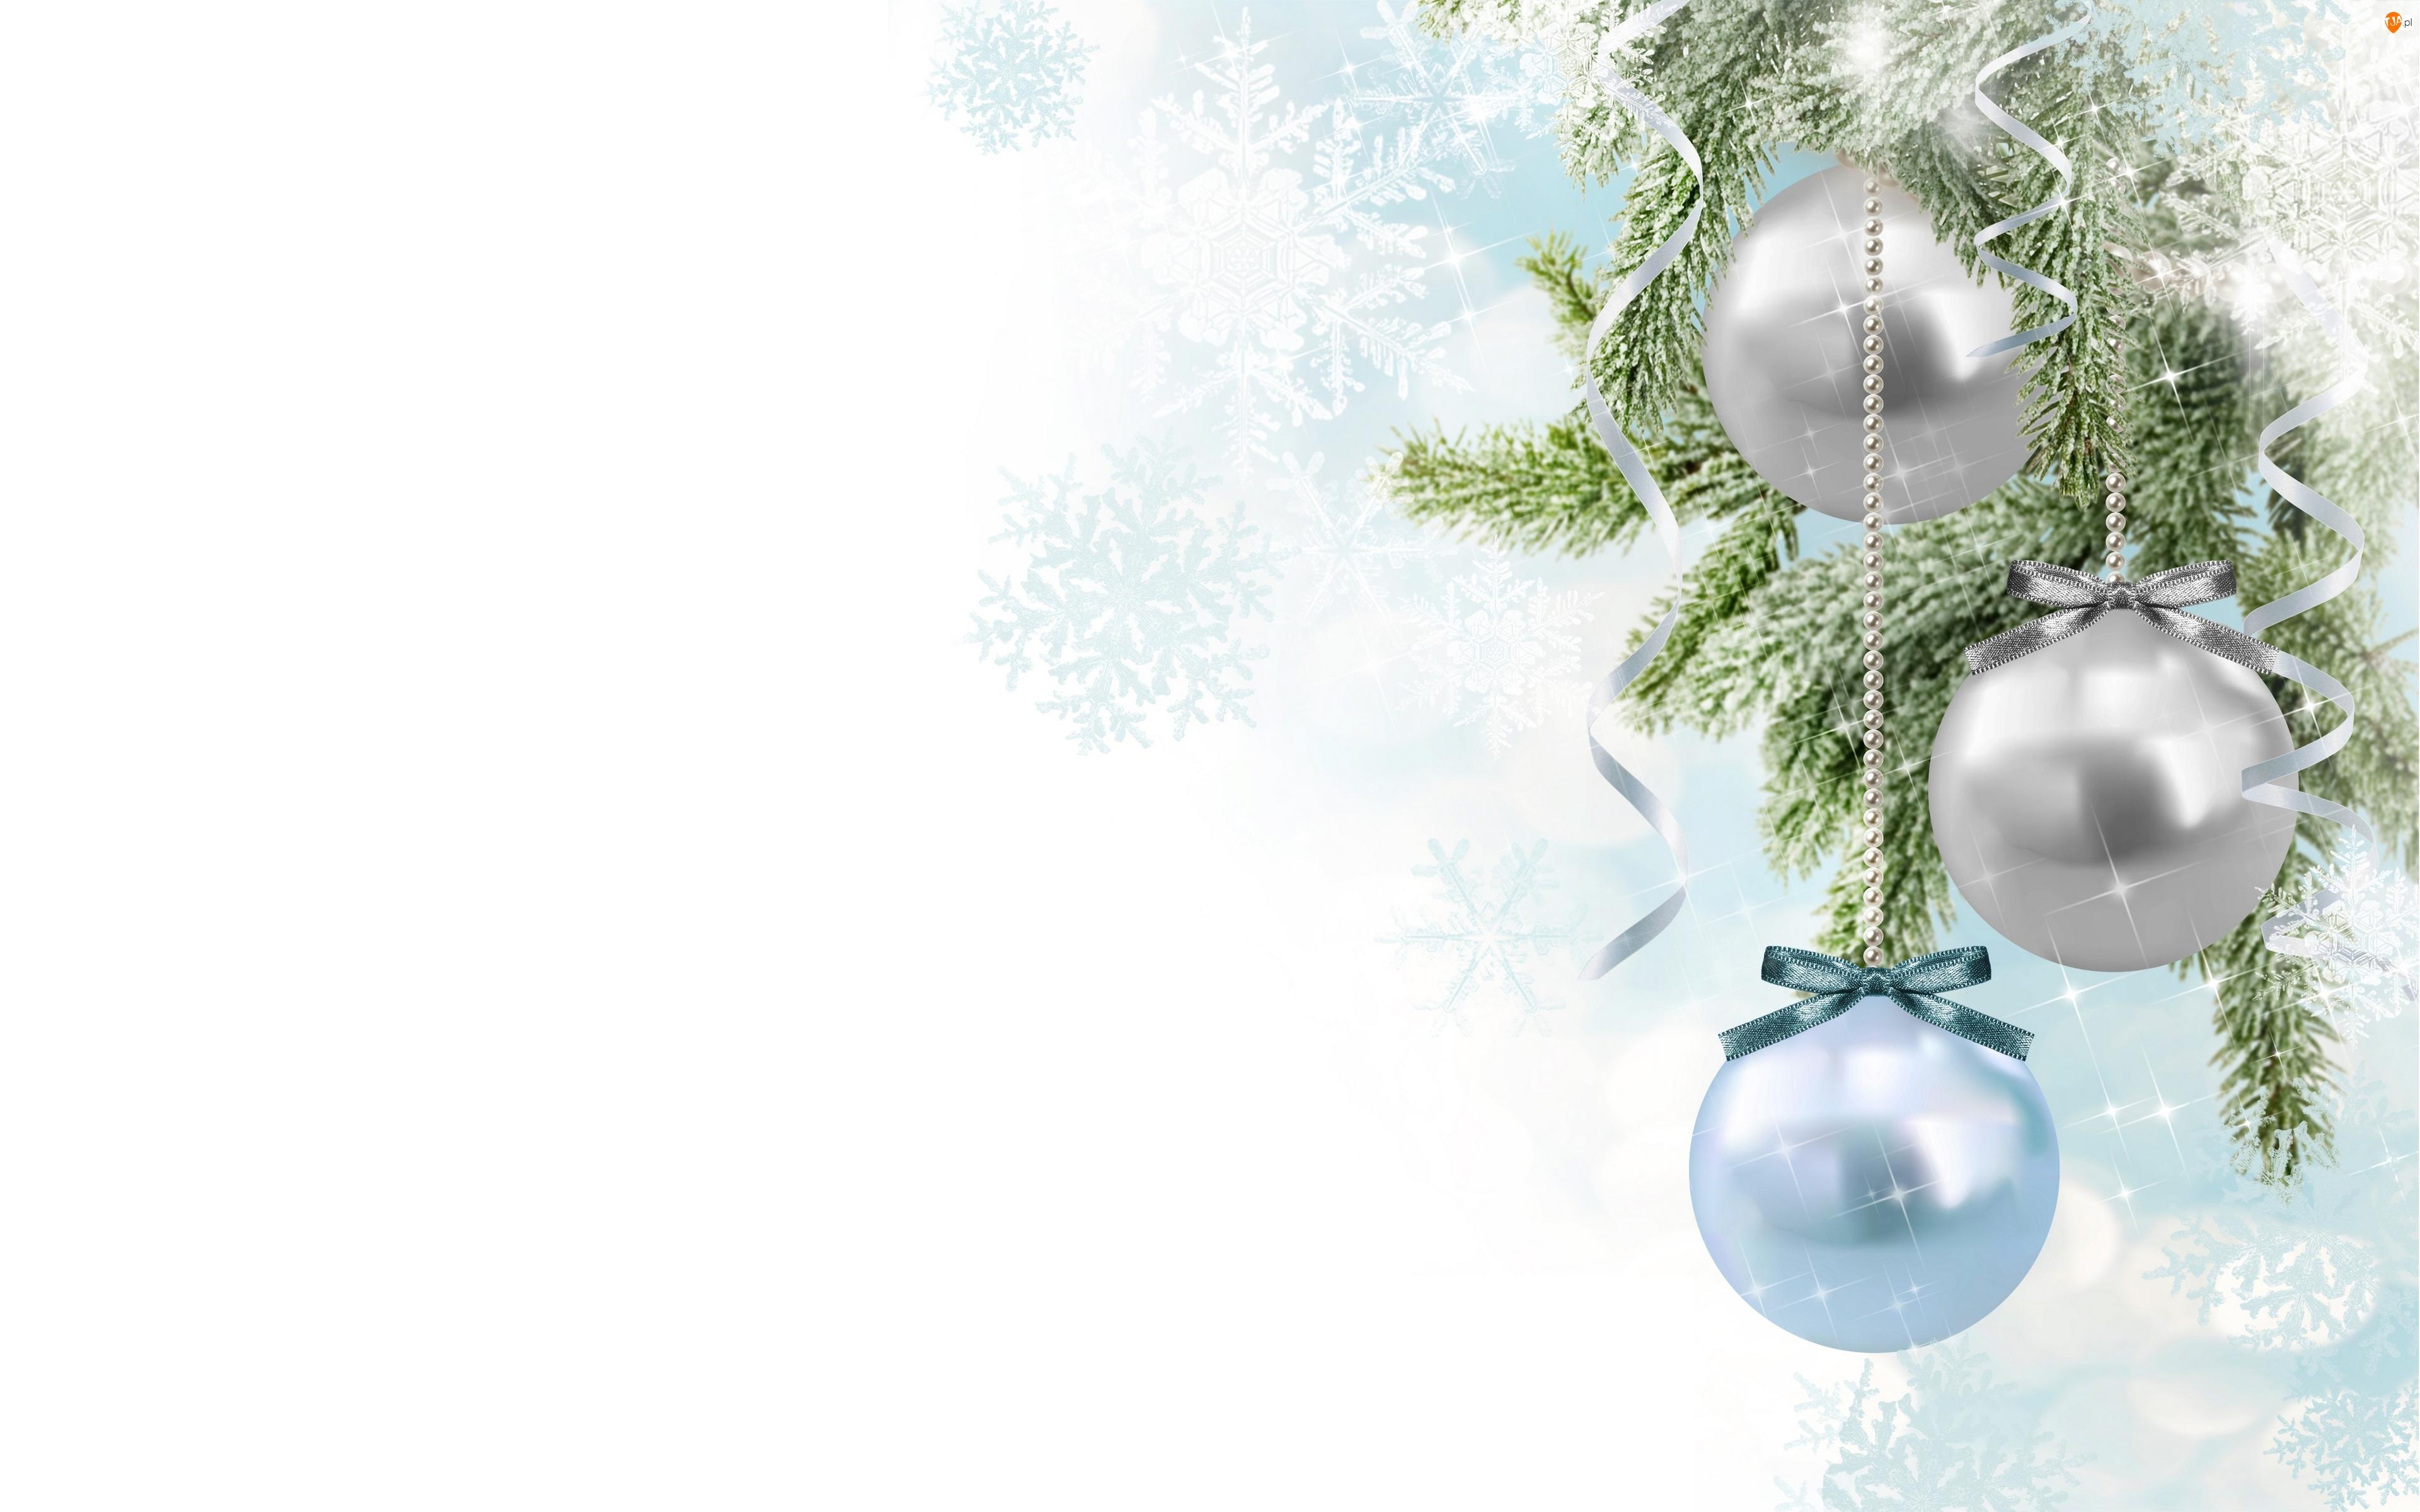 Boże Narodzenie, Trzy, Bombki, Gałązki